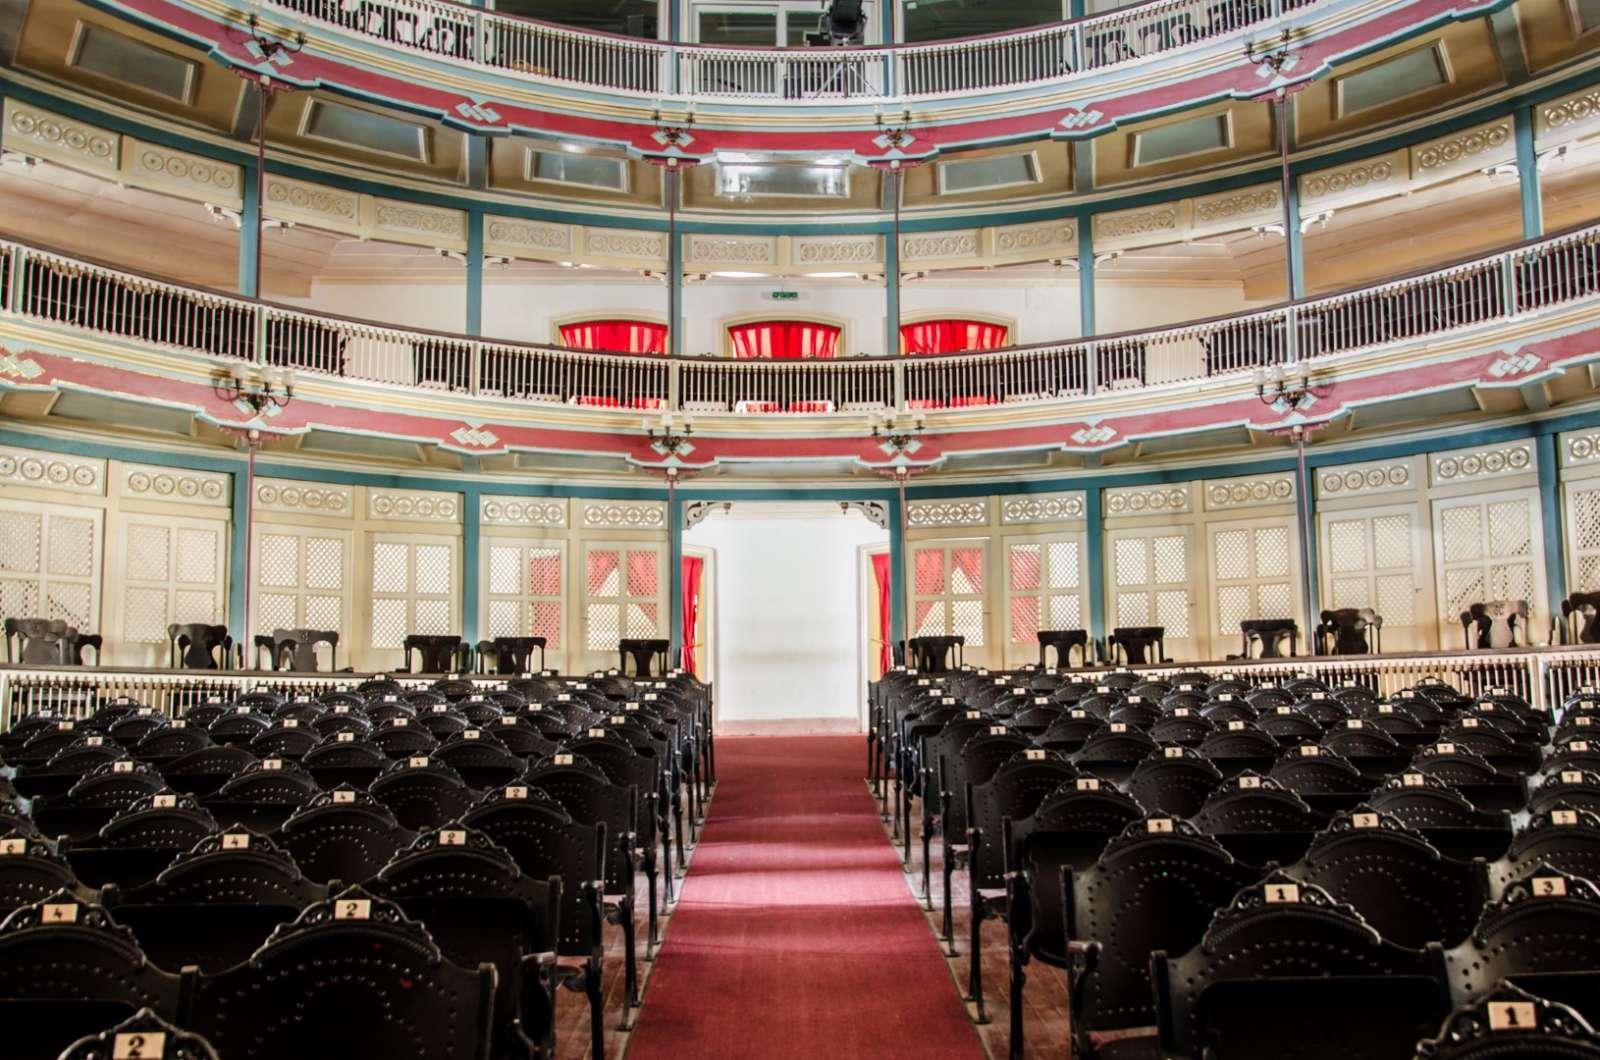 Interior of Teatro La Caridad in Santa Clara, Cuba